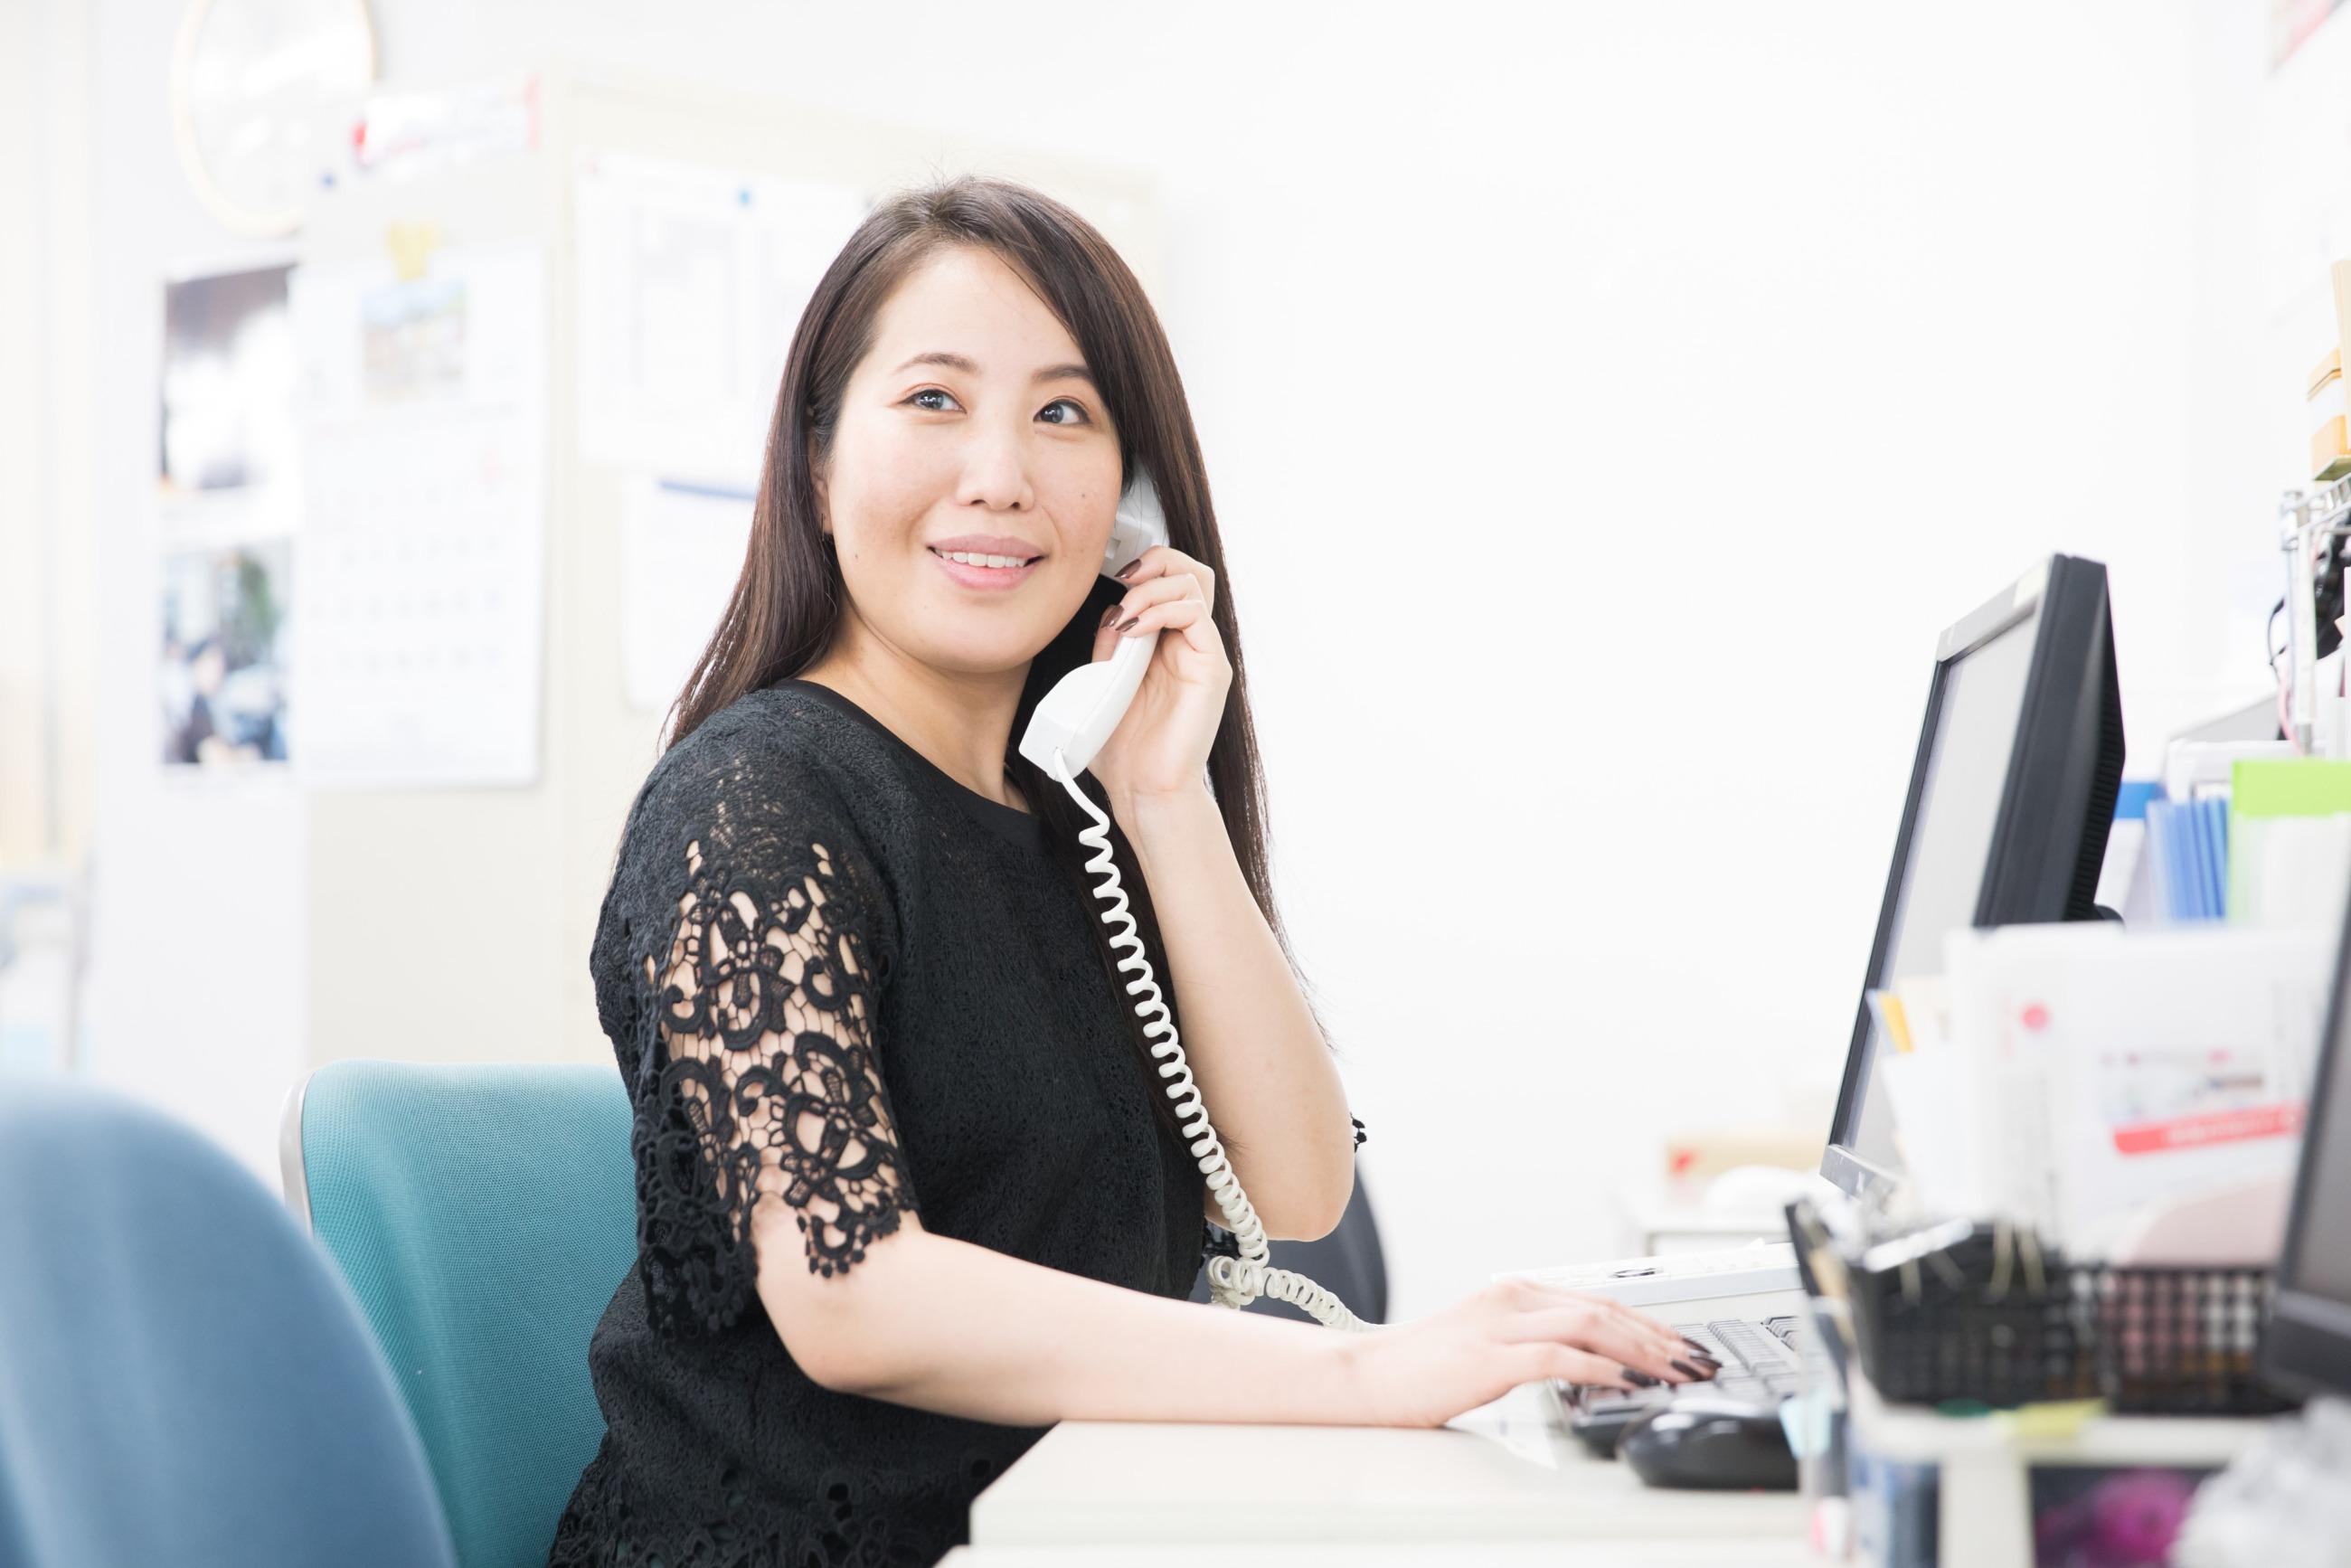 鎌田が電話の受話器を耳にあてて話している